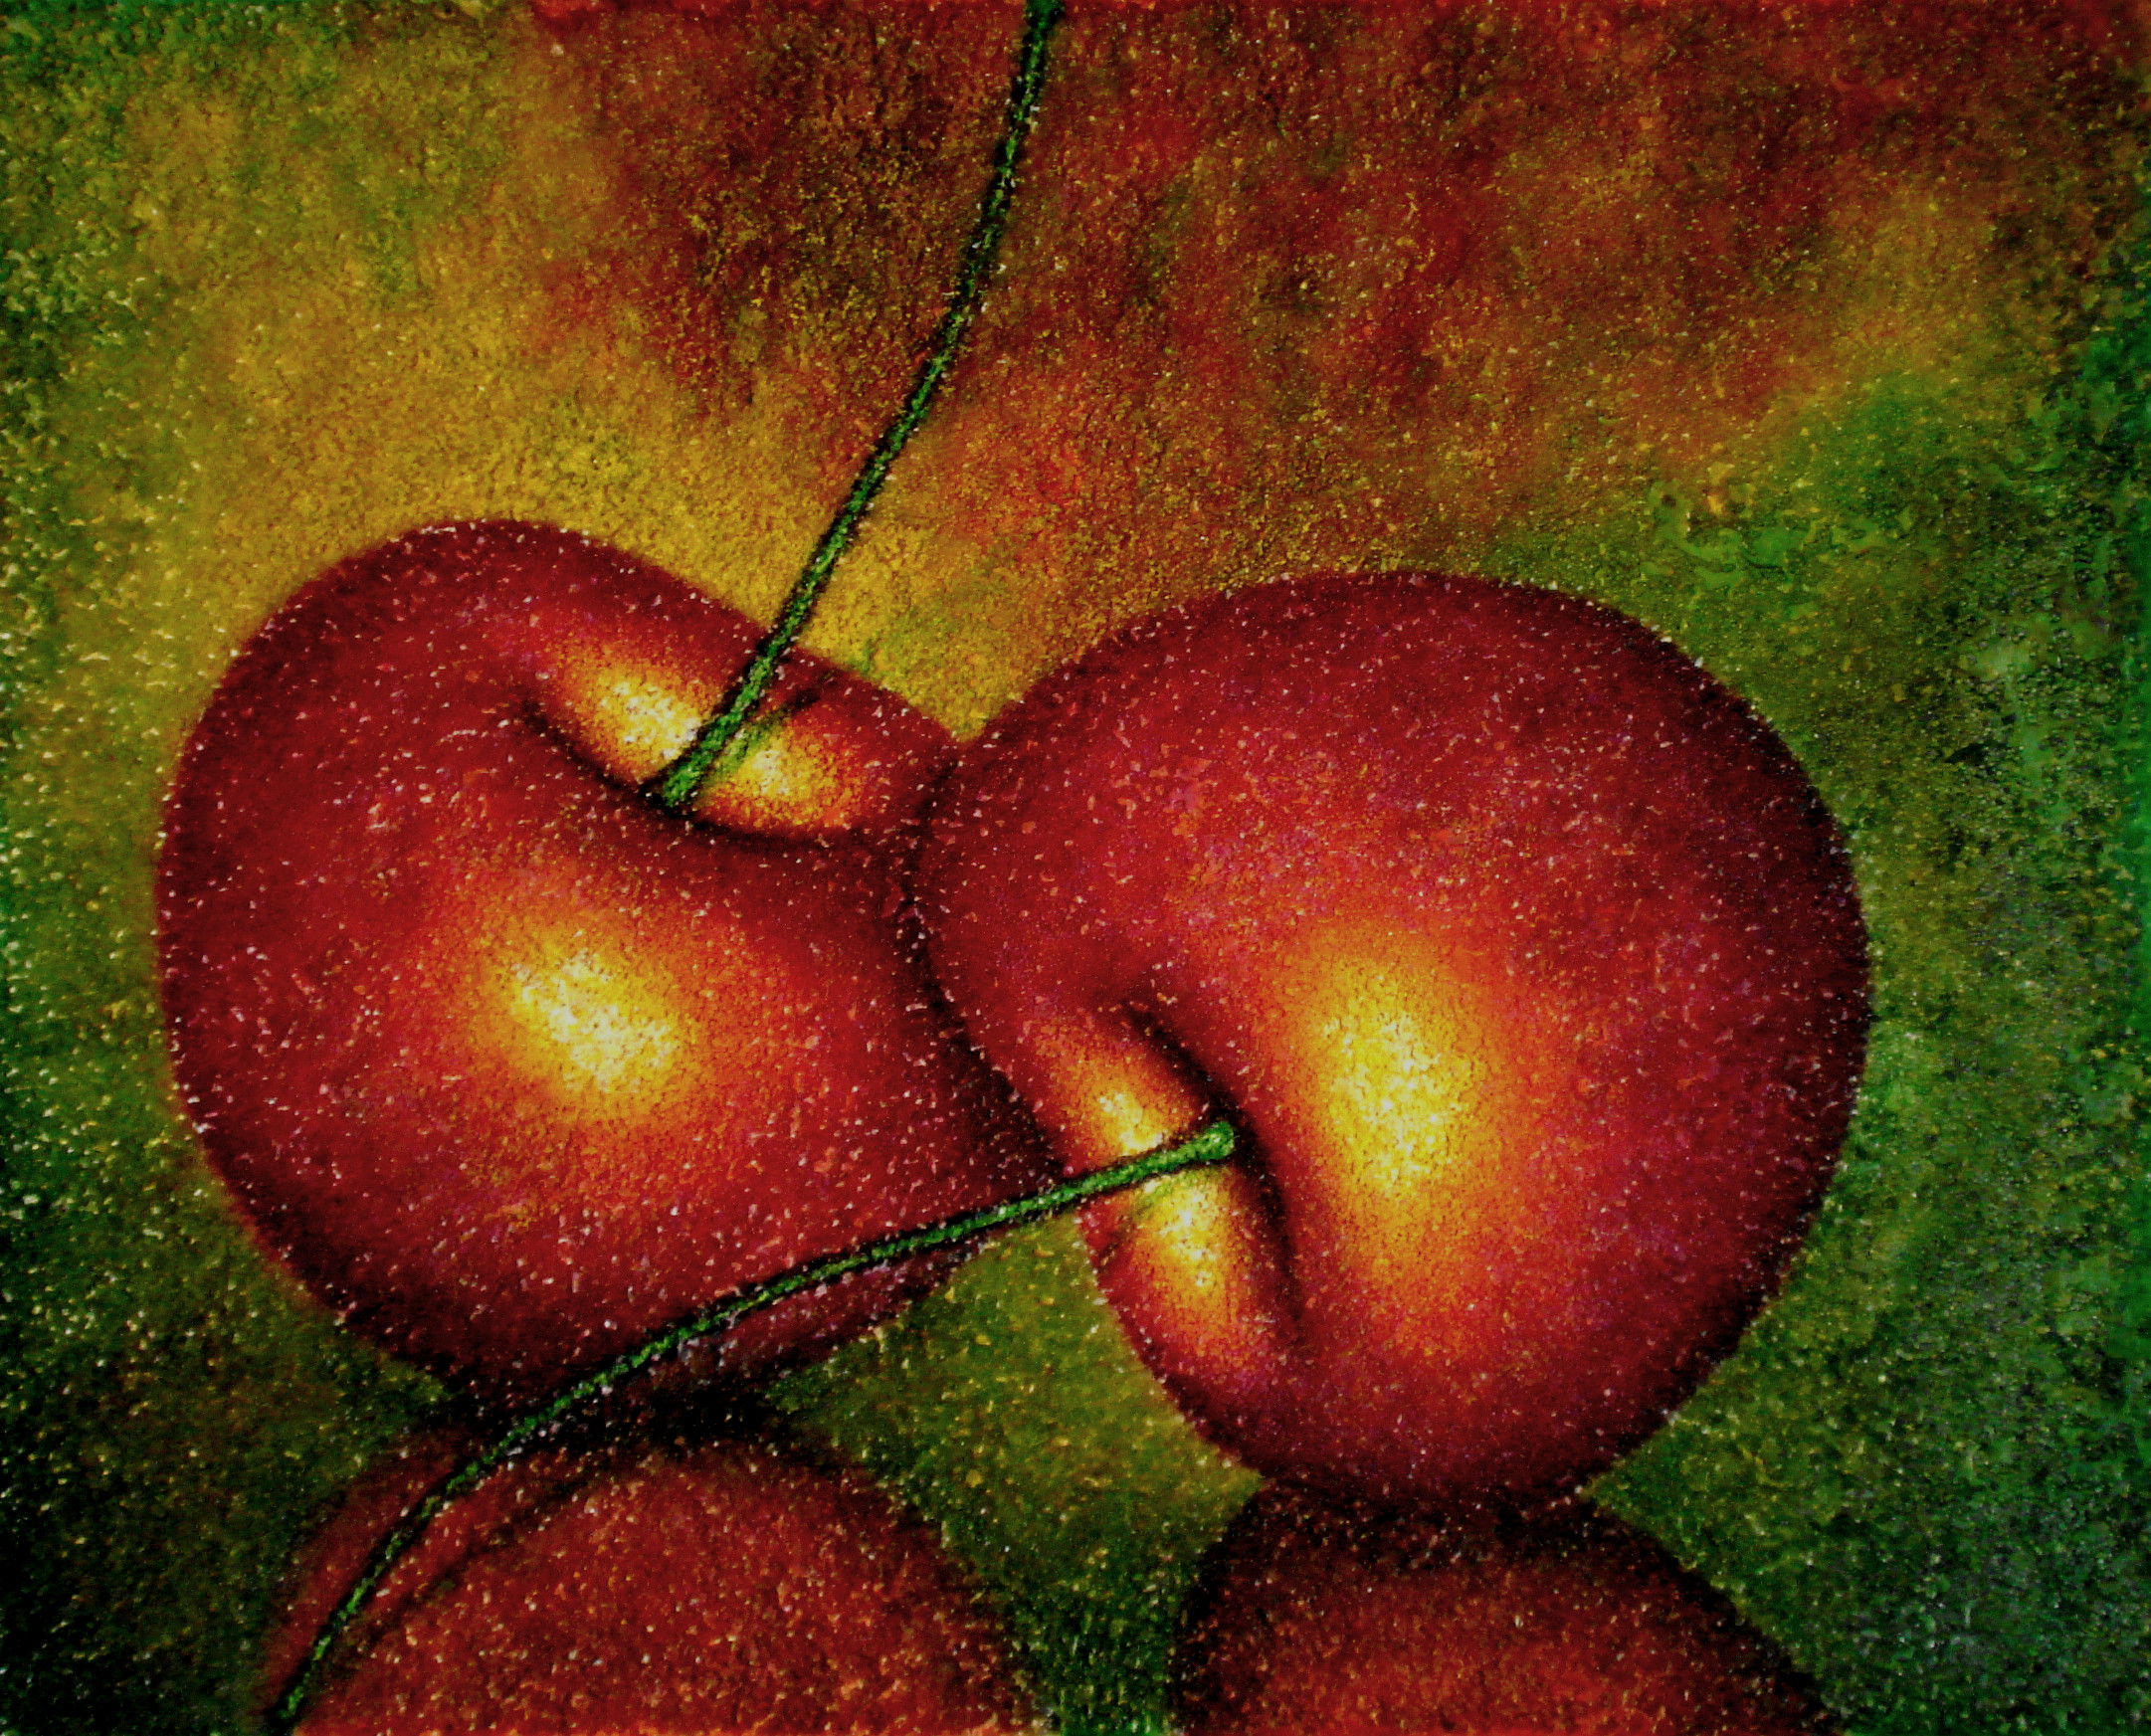 The ripe cherries